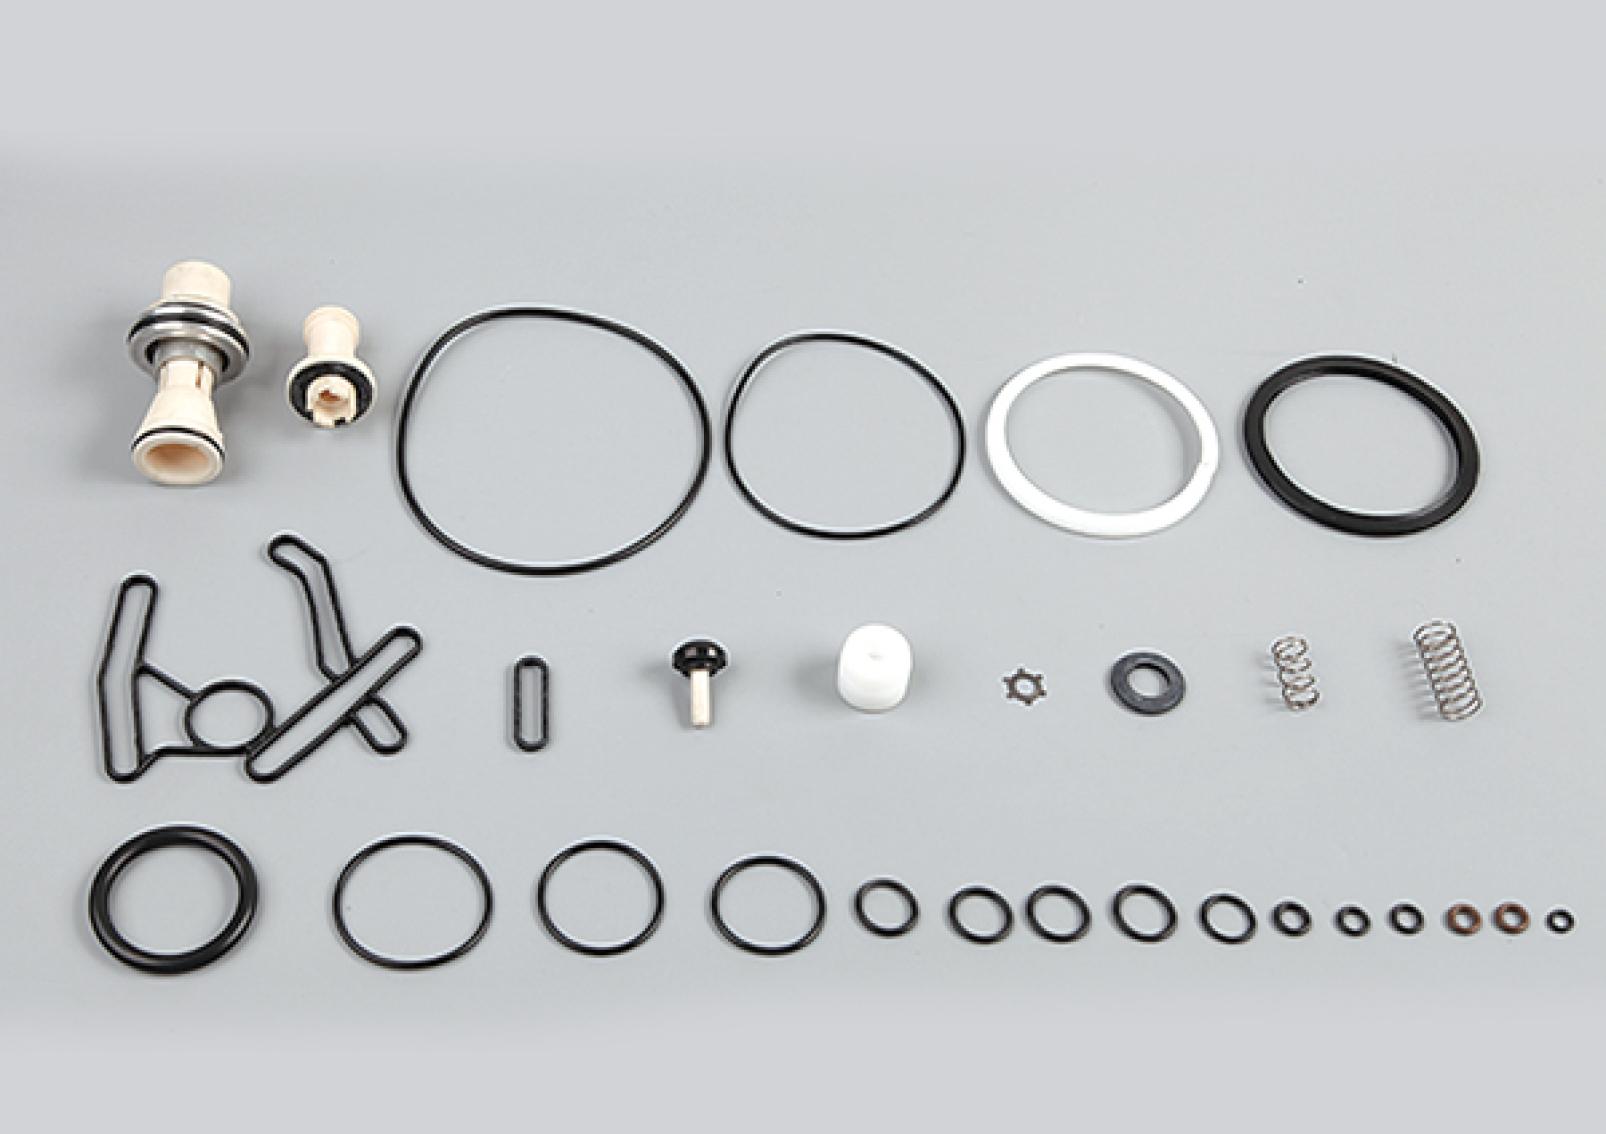 Air Dryer Valve Repair Kit, II37677008